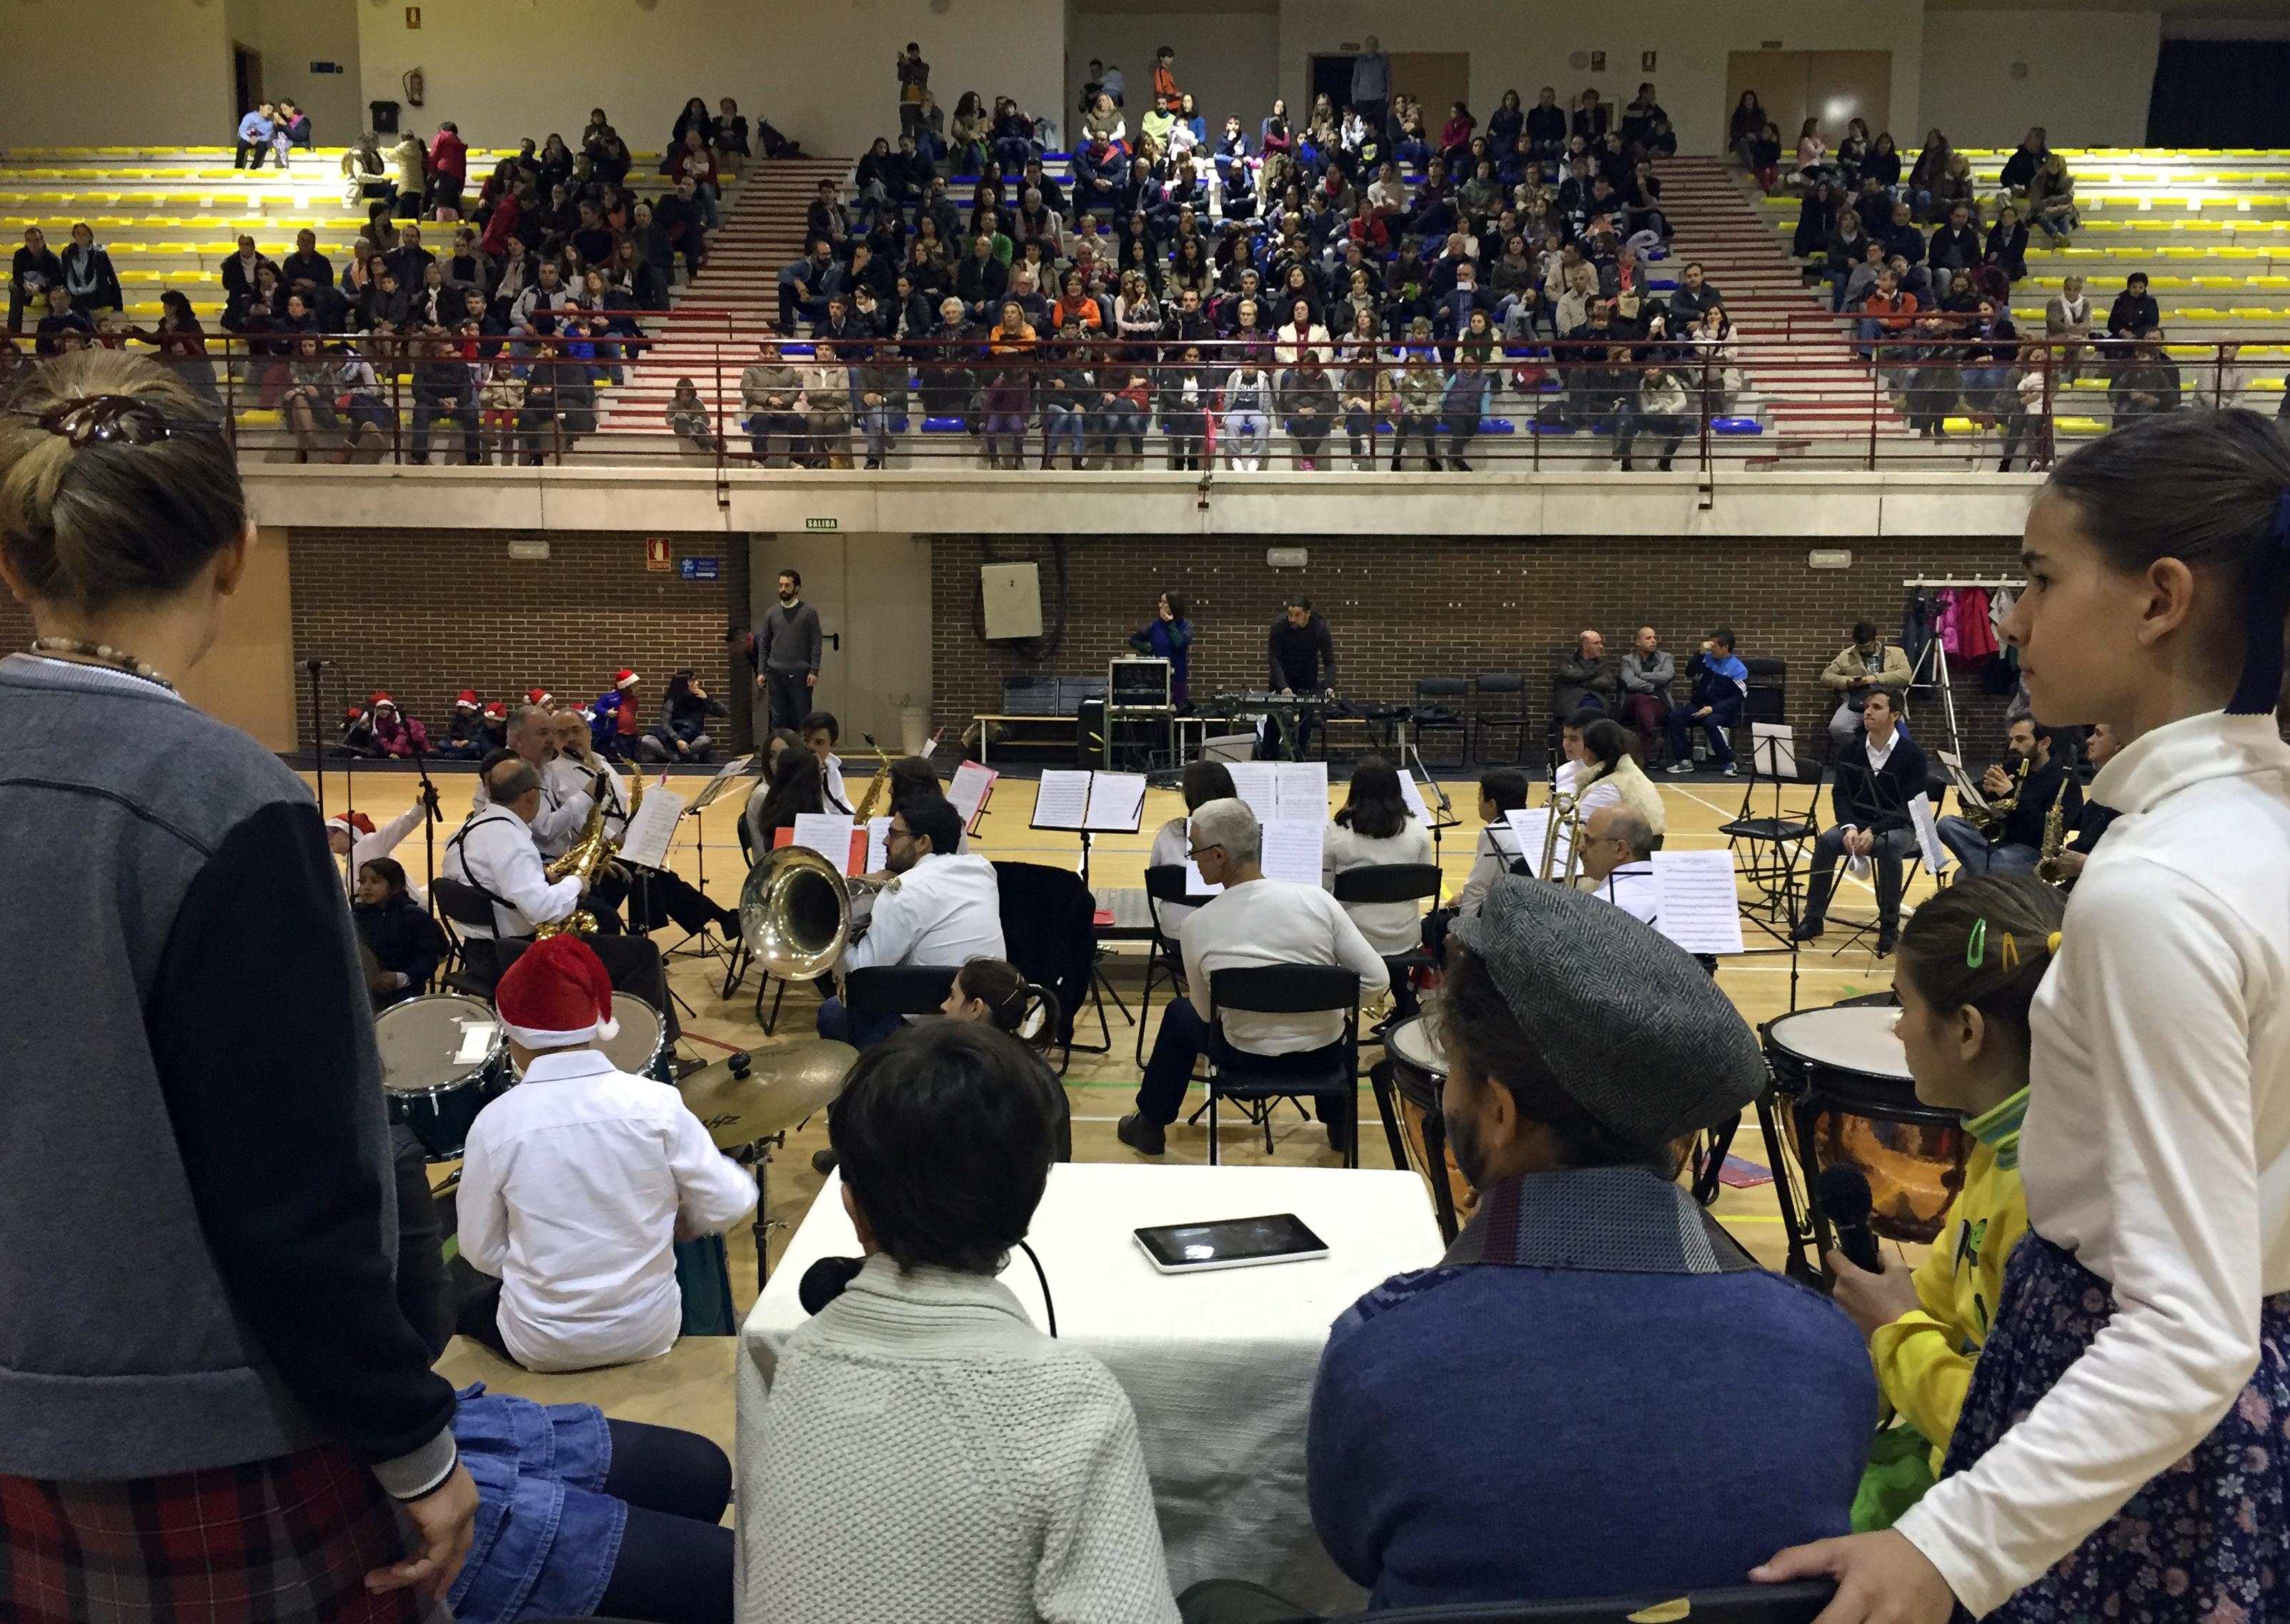 El Musical de Navidad contó con 200 asistentes